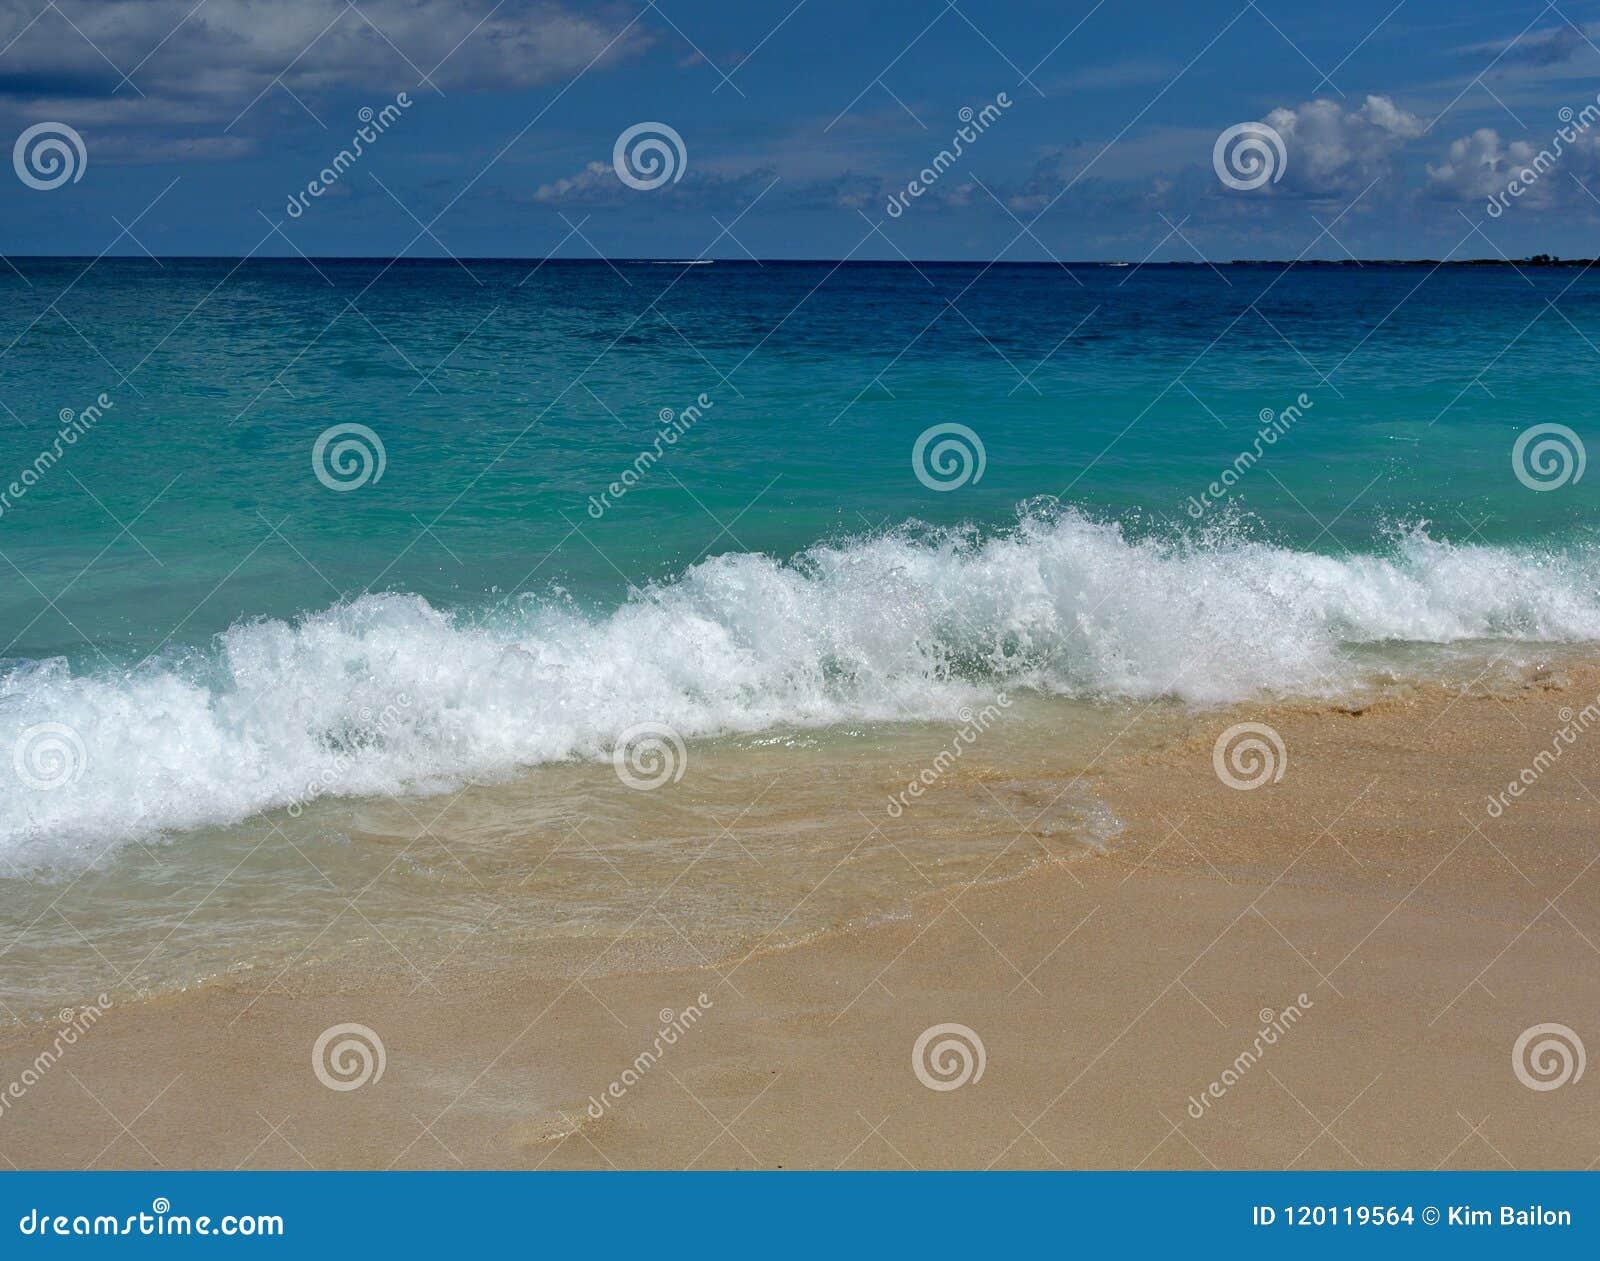 Plage de la Jamaïque avec les vagues se brisantes